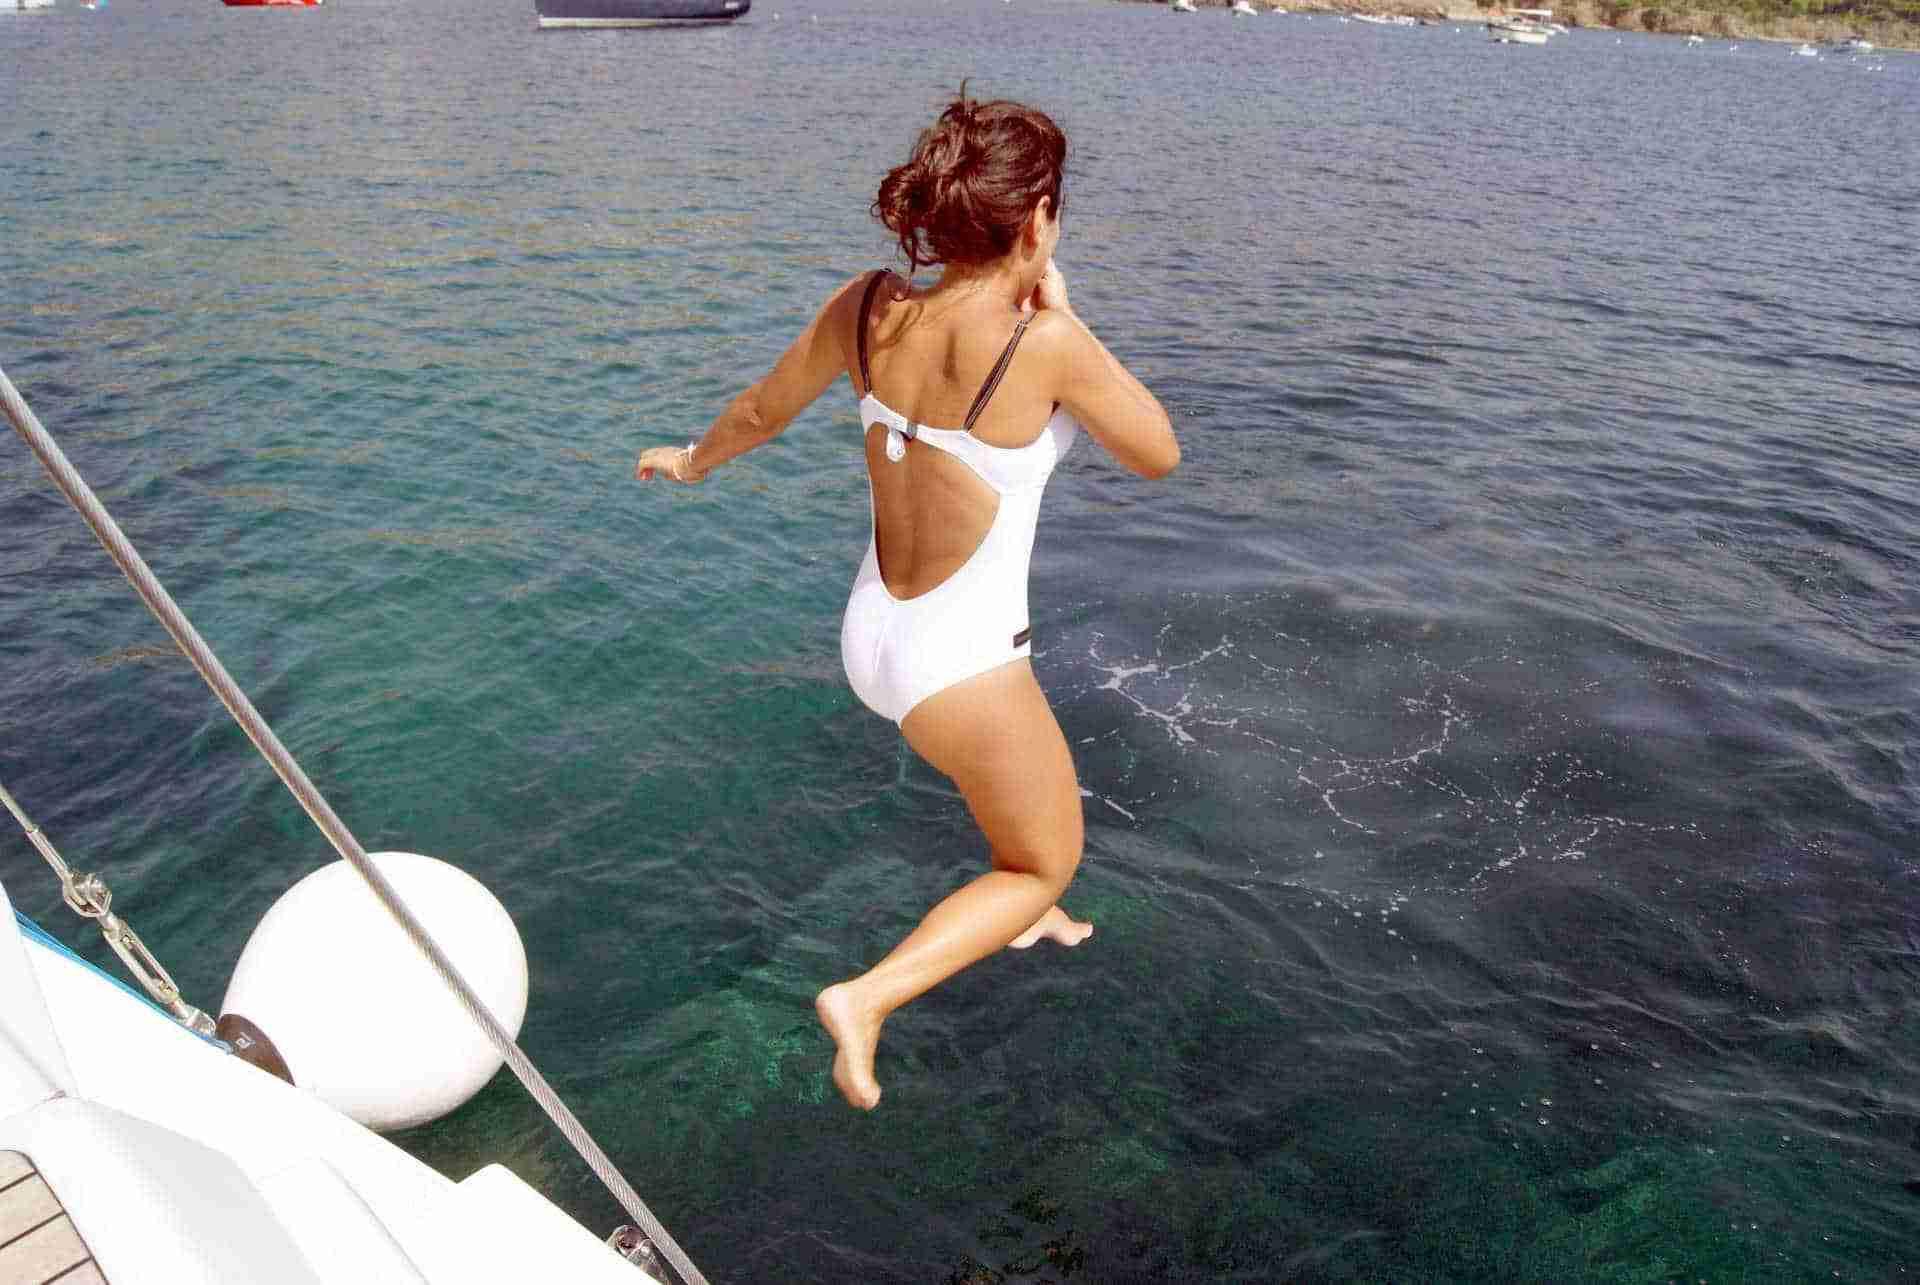 Escursioni giornaliere in barca a vela - Vela Dream